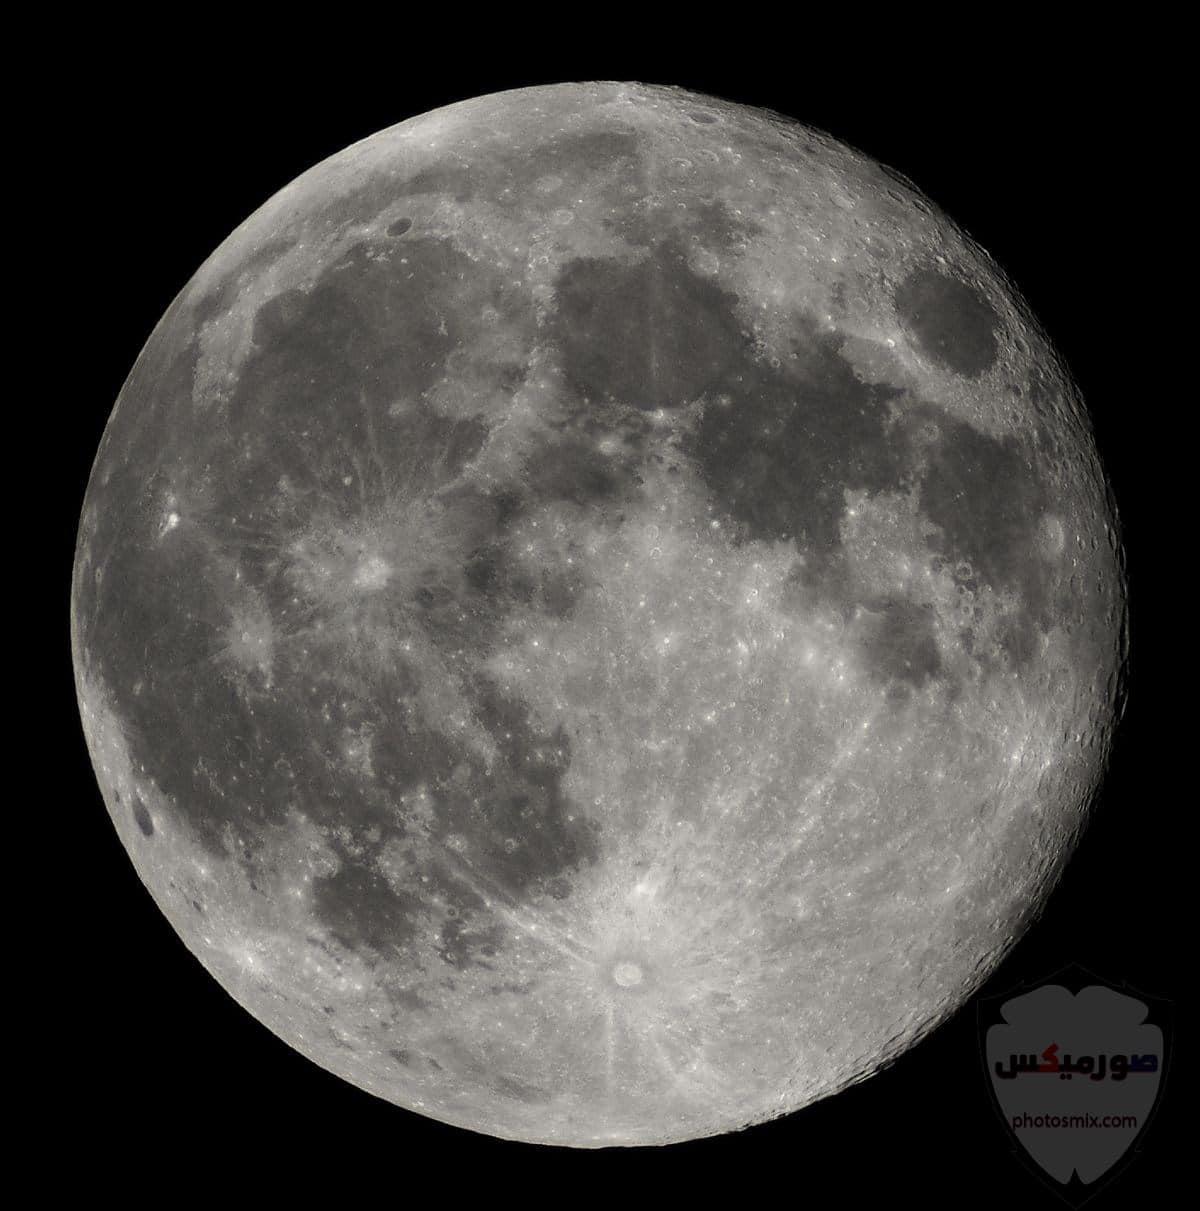 صور القمر والسماء والنجوم خلفيات للقمر والبدر والهلال عالية الجودة 16